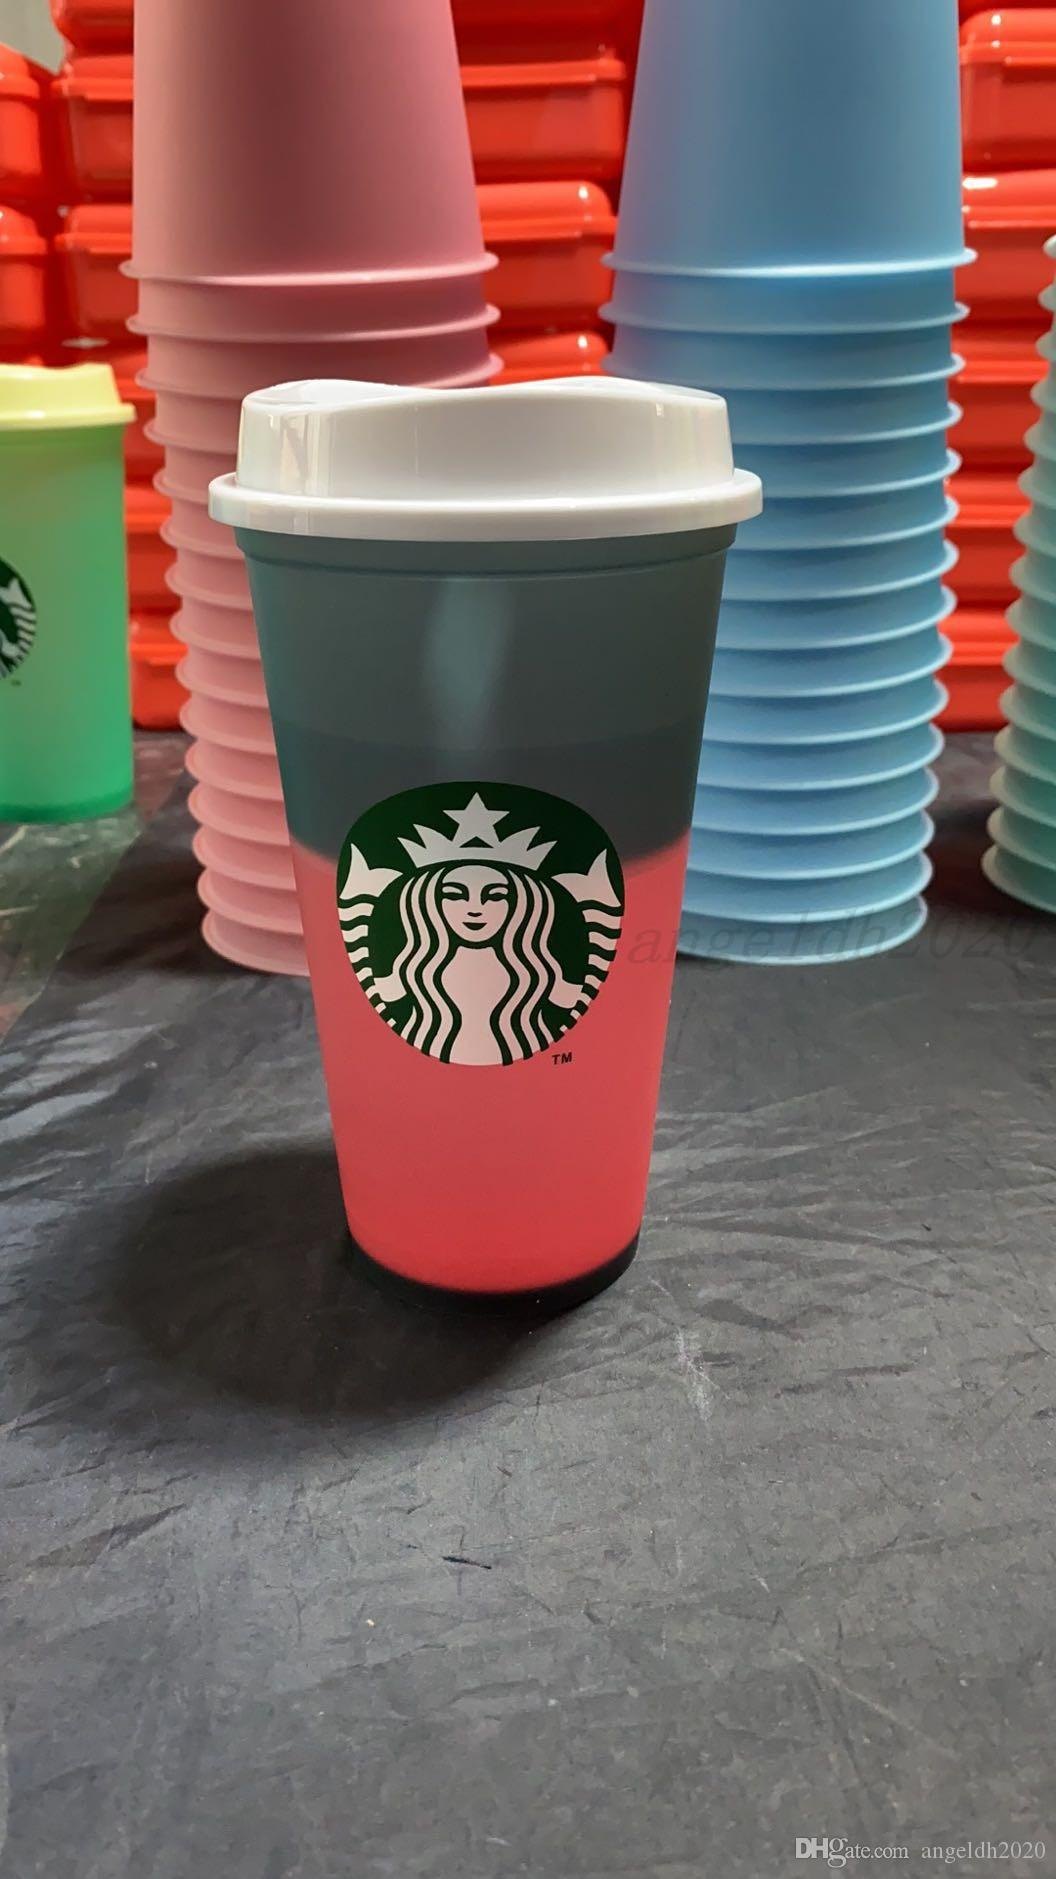 Starbucks 24 Unzen Farbwechsel Tumbler Kunststoff Trinksaft Cup mit LiP Magie Kaffeetasse Costom Kostenloser Versand